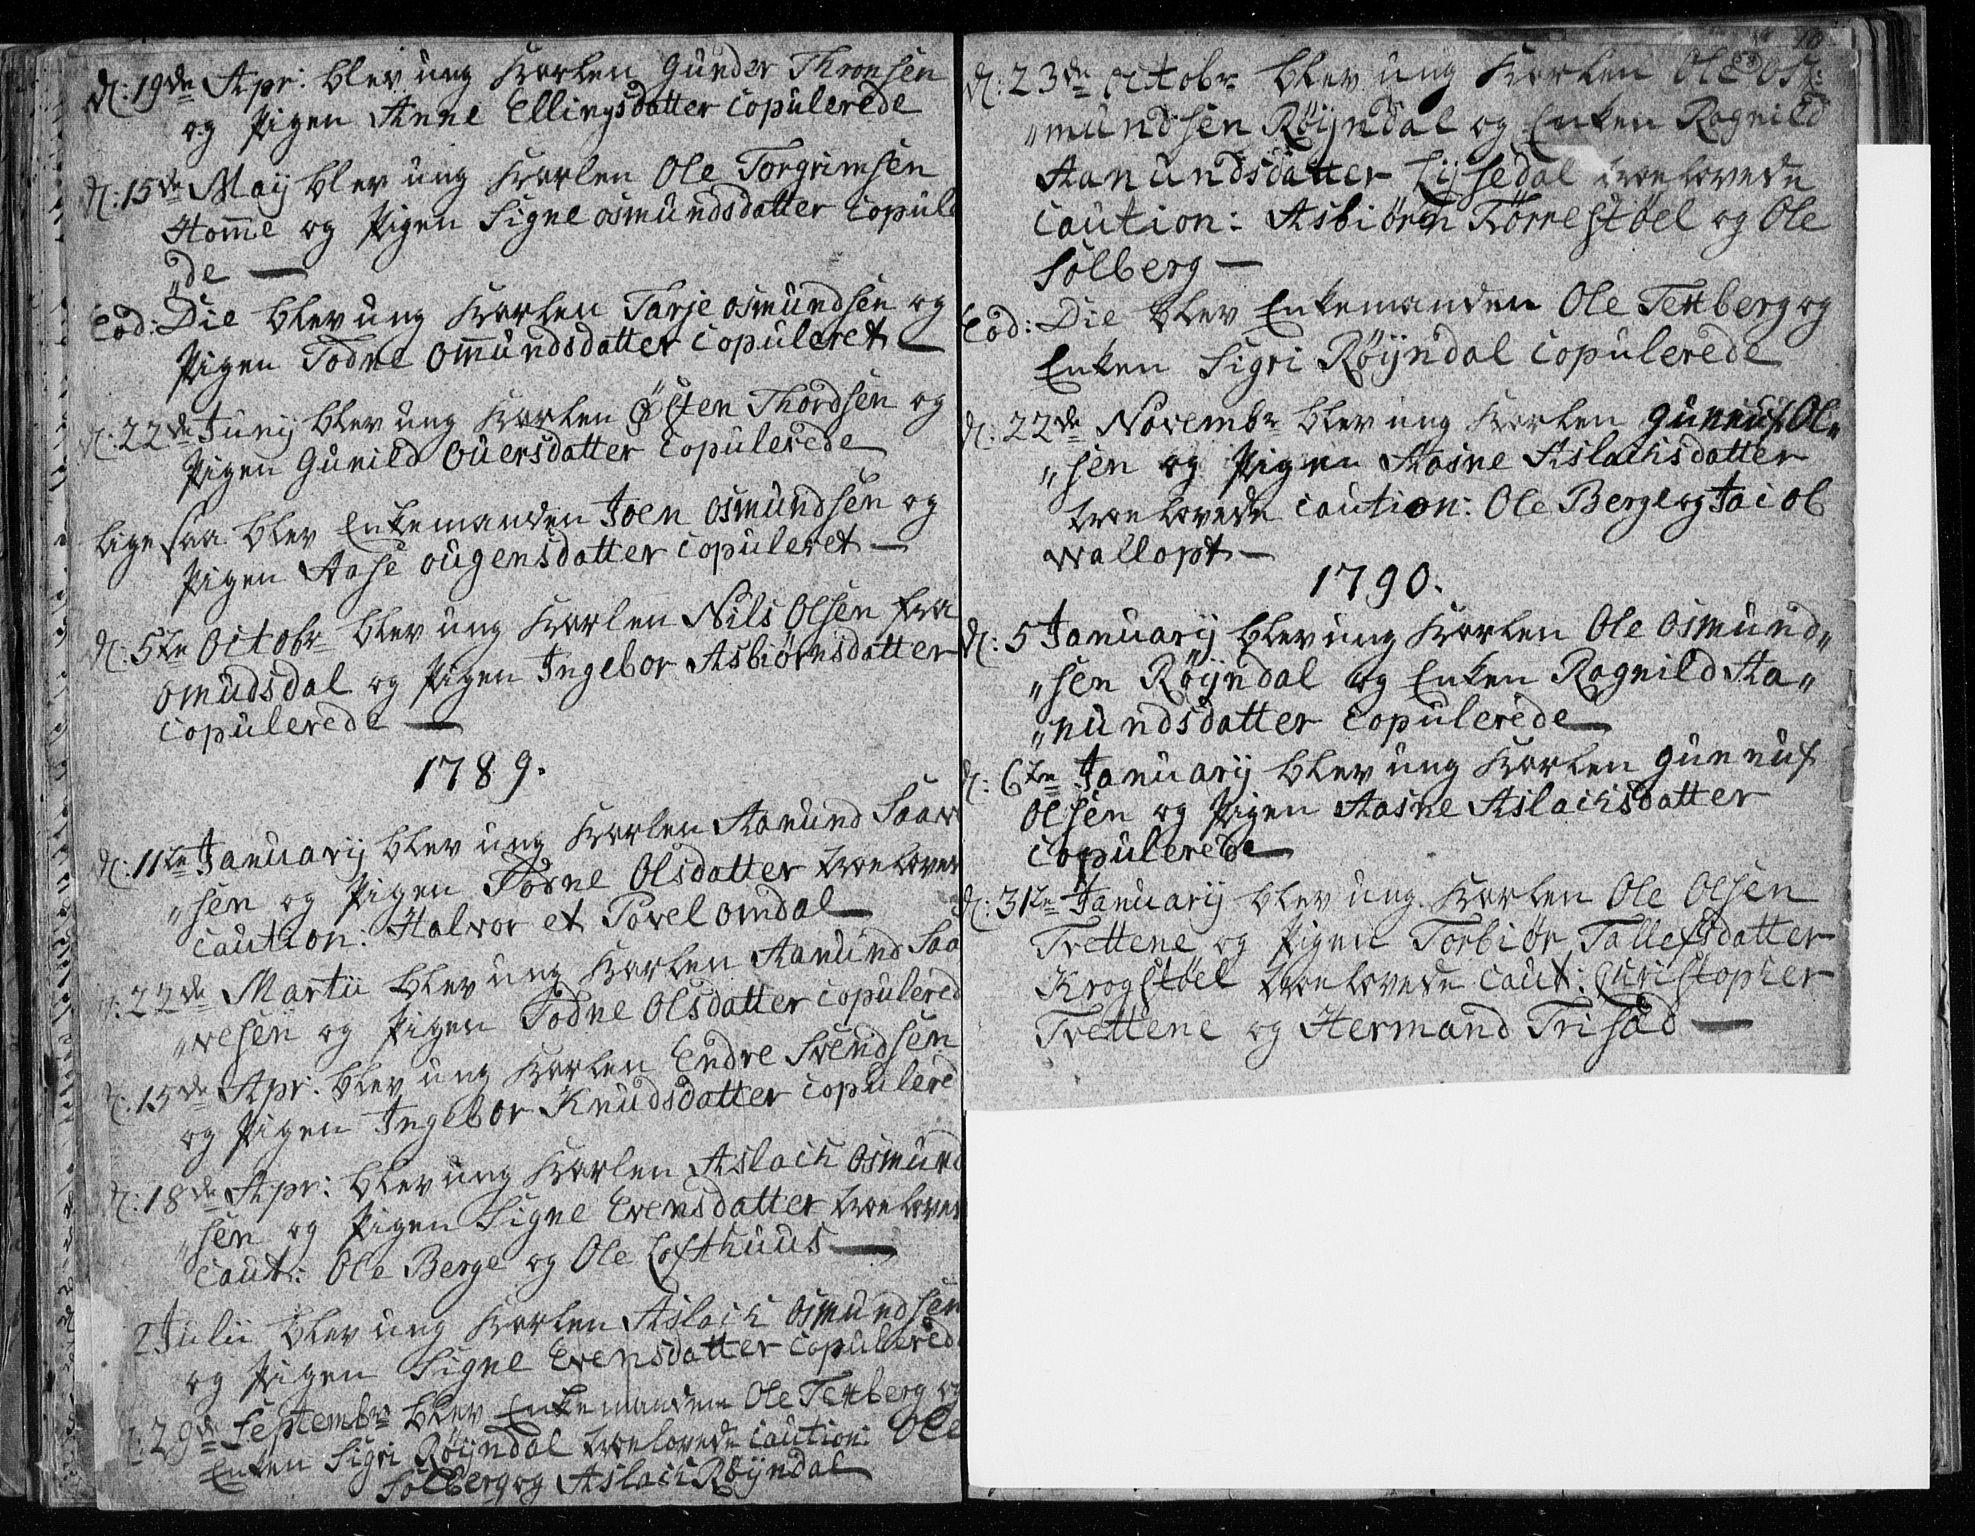 SAKO, Lårdal kirkebøker, F/Fa/L0003: Ministerialbok nr. I 3, 1754-1790, s. 58